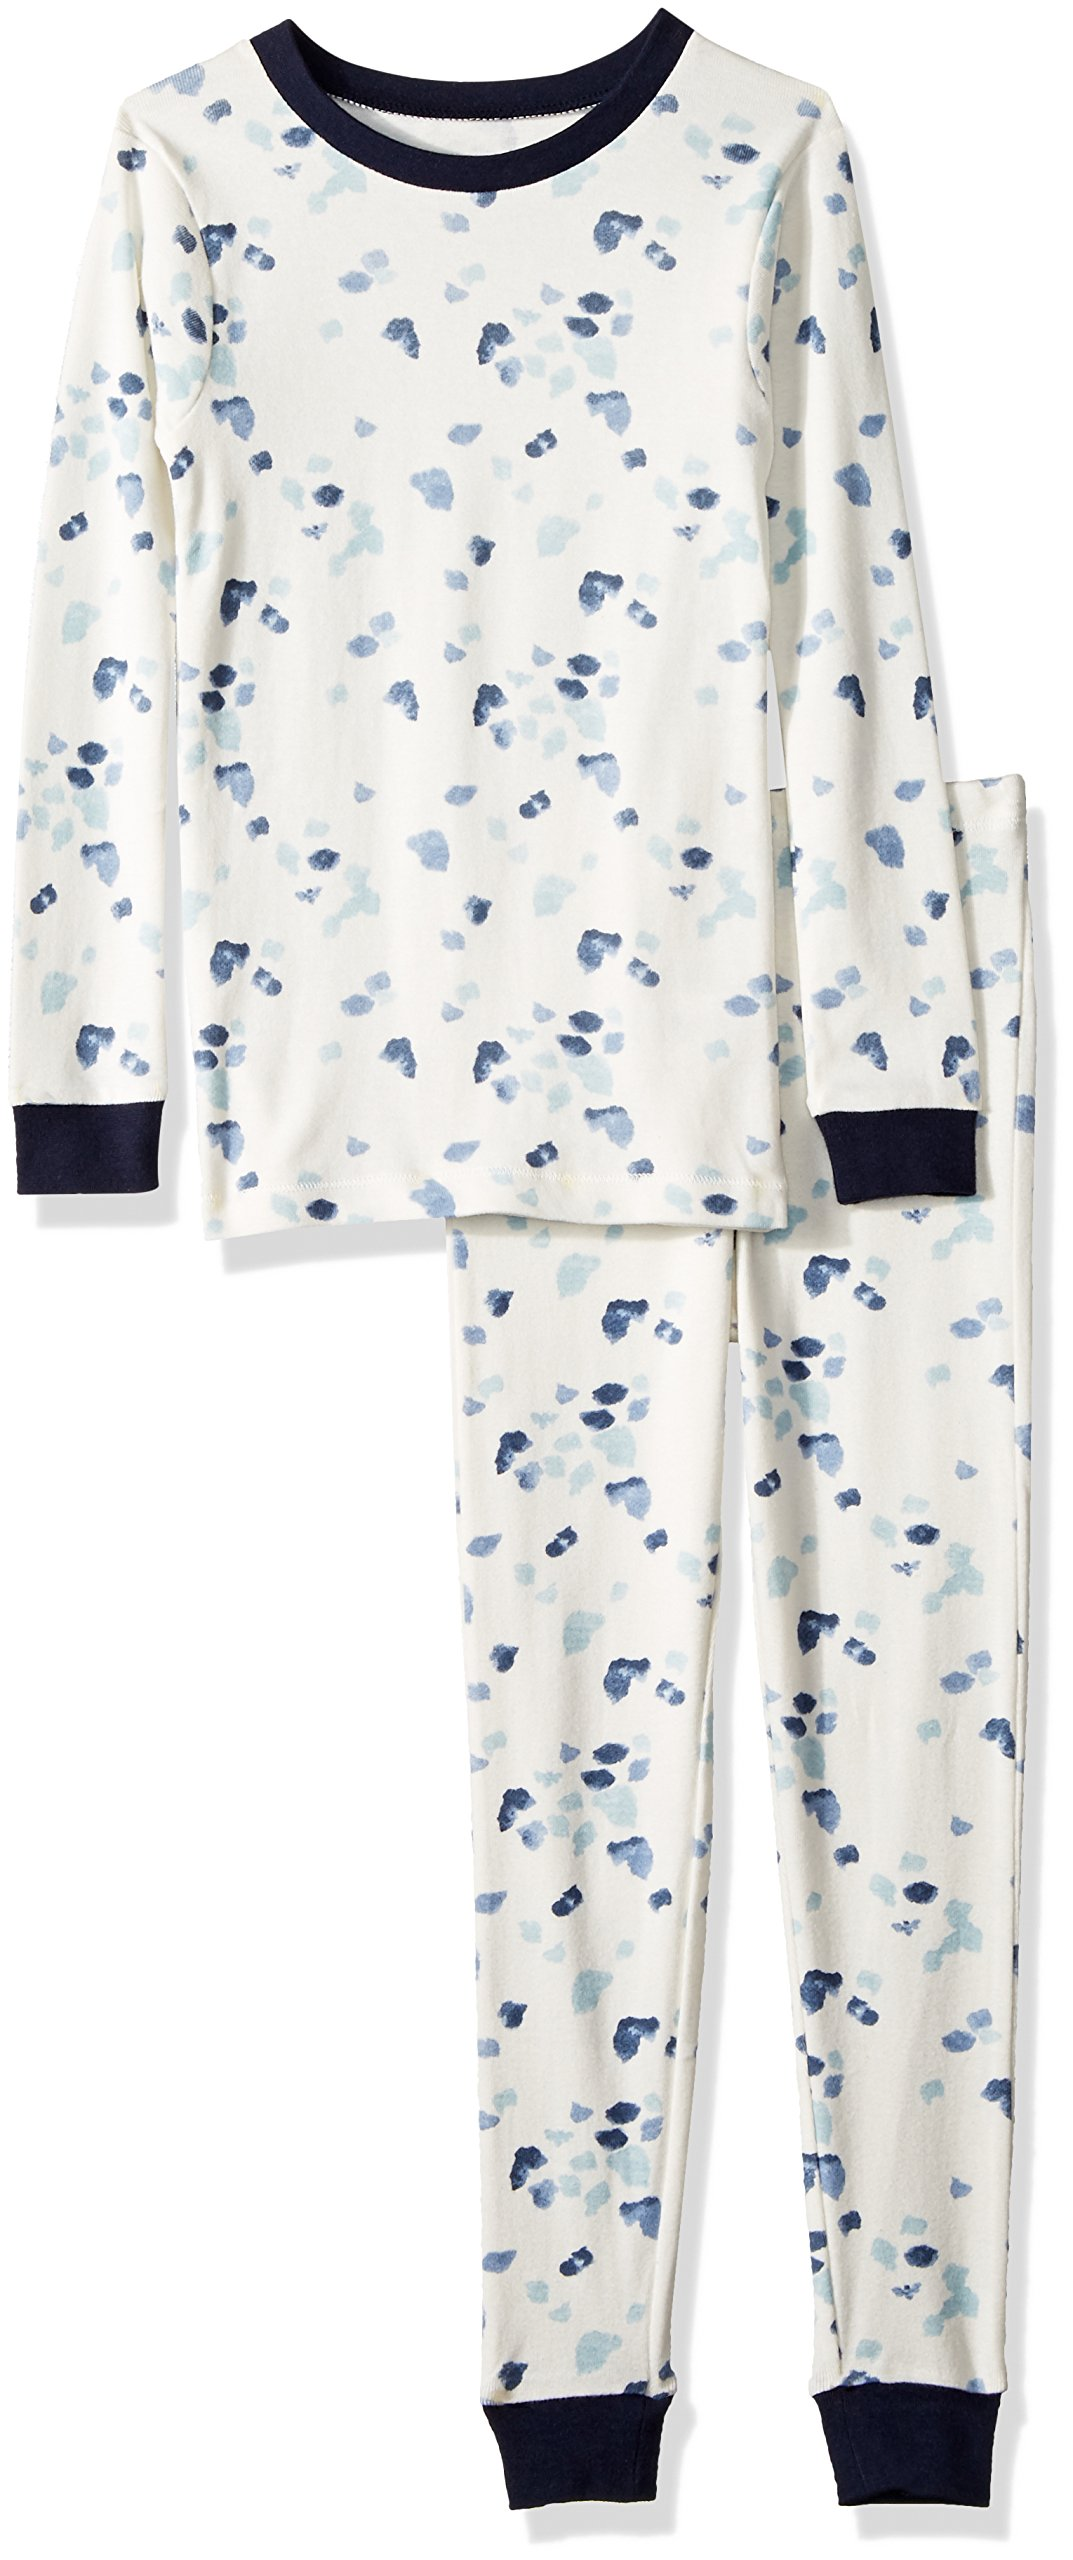 Burt's Bees Baby Unisex Baby Pajamas, 2-Piece PJ